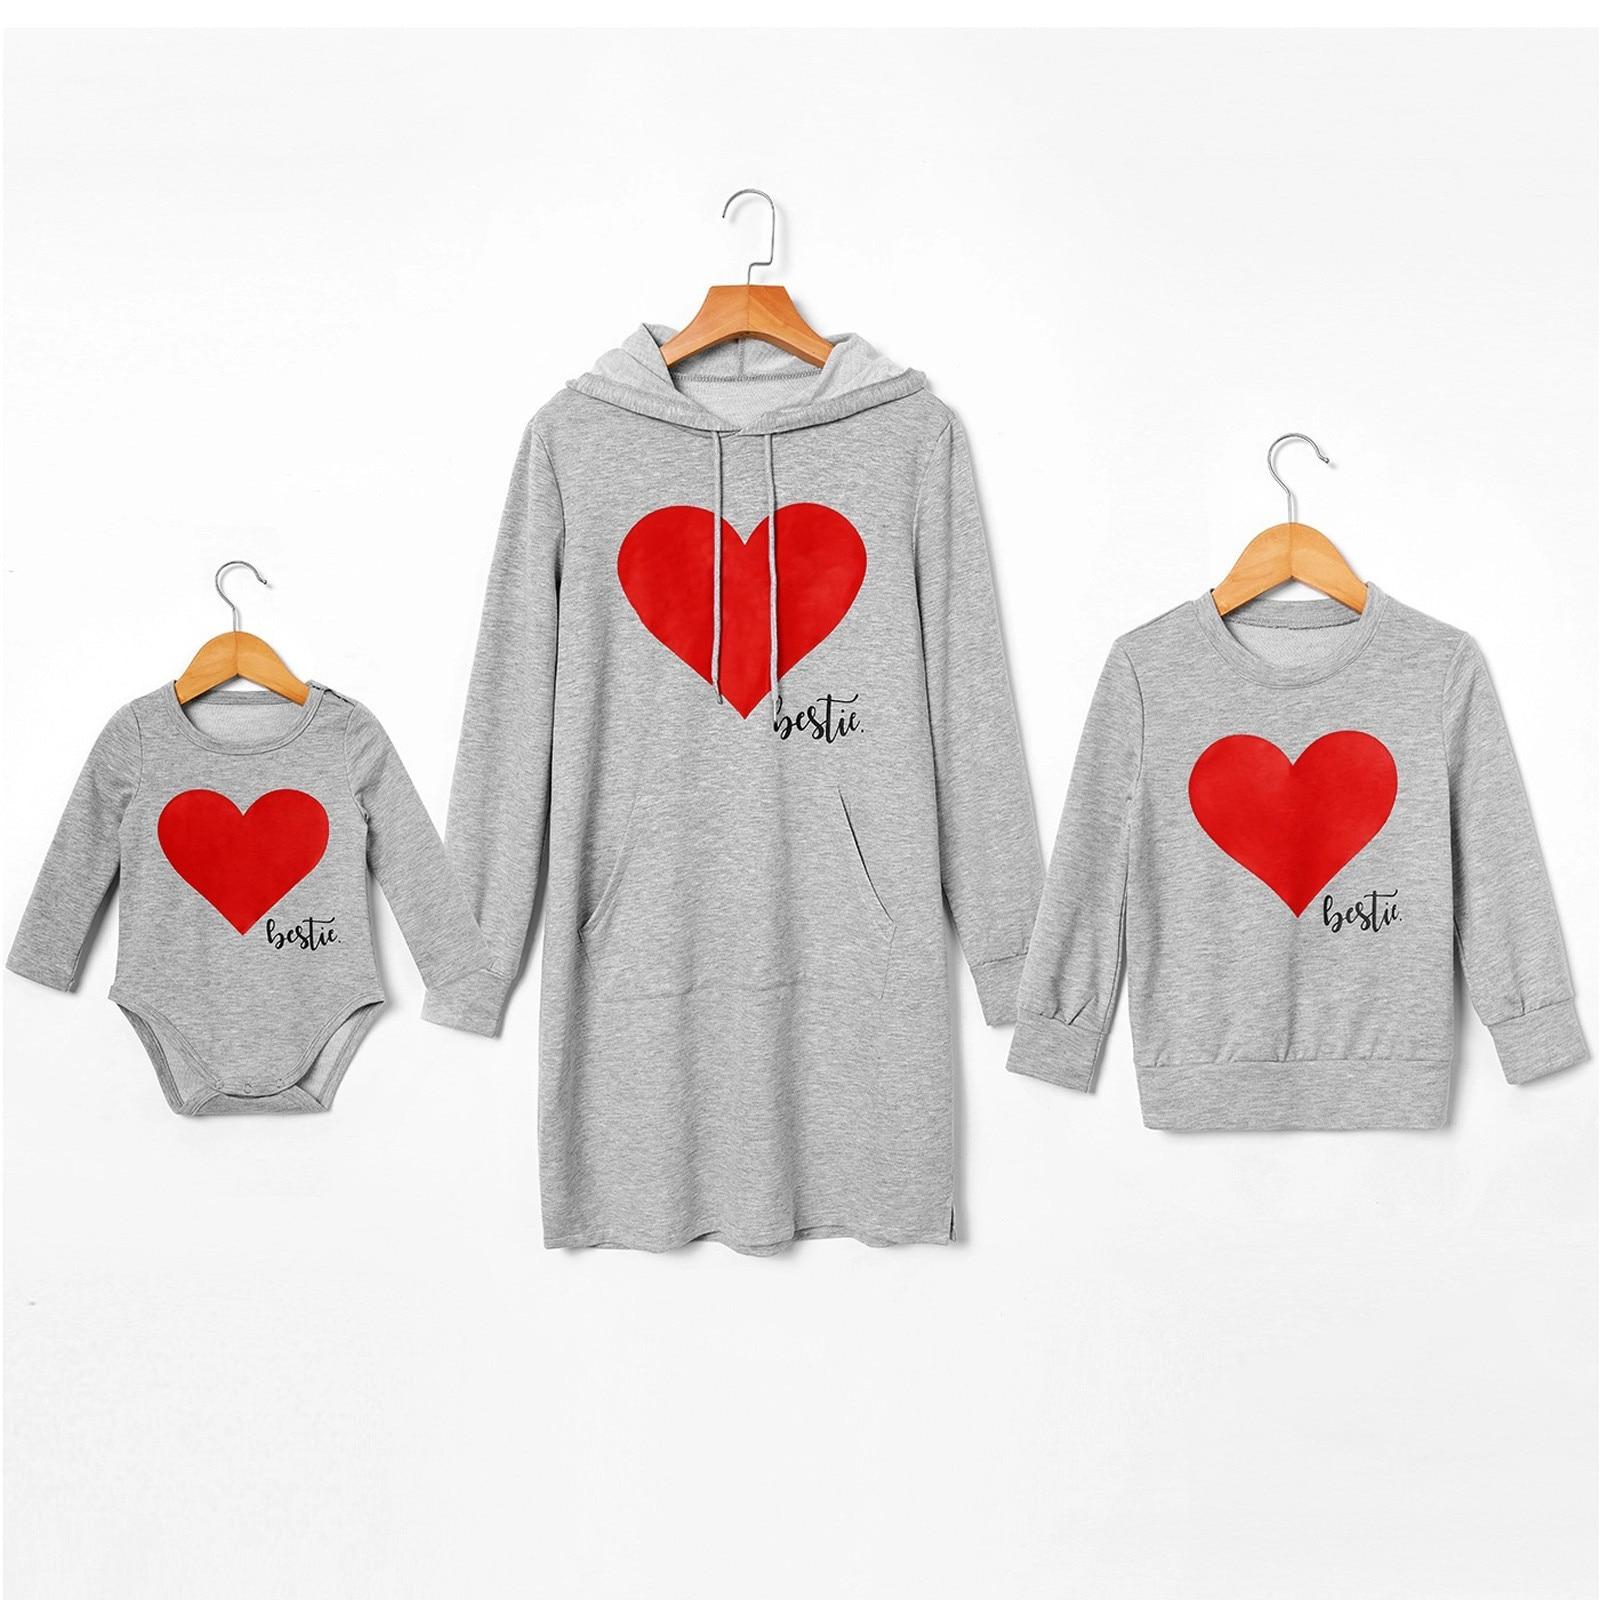 Noël 2020 hiver famille correspondant vêtements coeur imprimer à manches longues Parent enfant costume décontracté haut imprimer barboteuse combinaison tenue